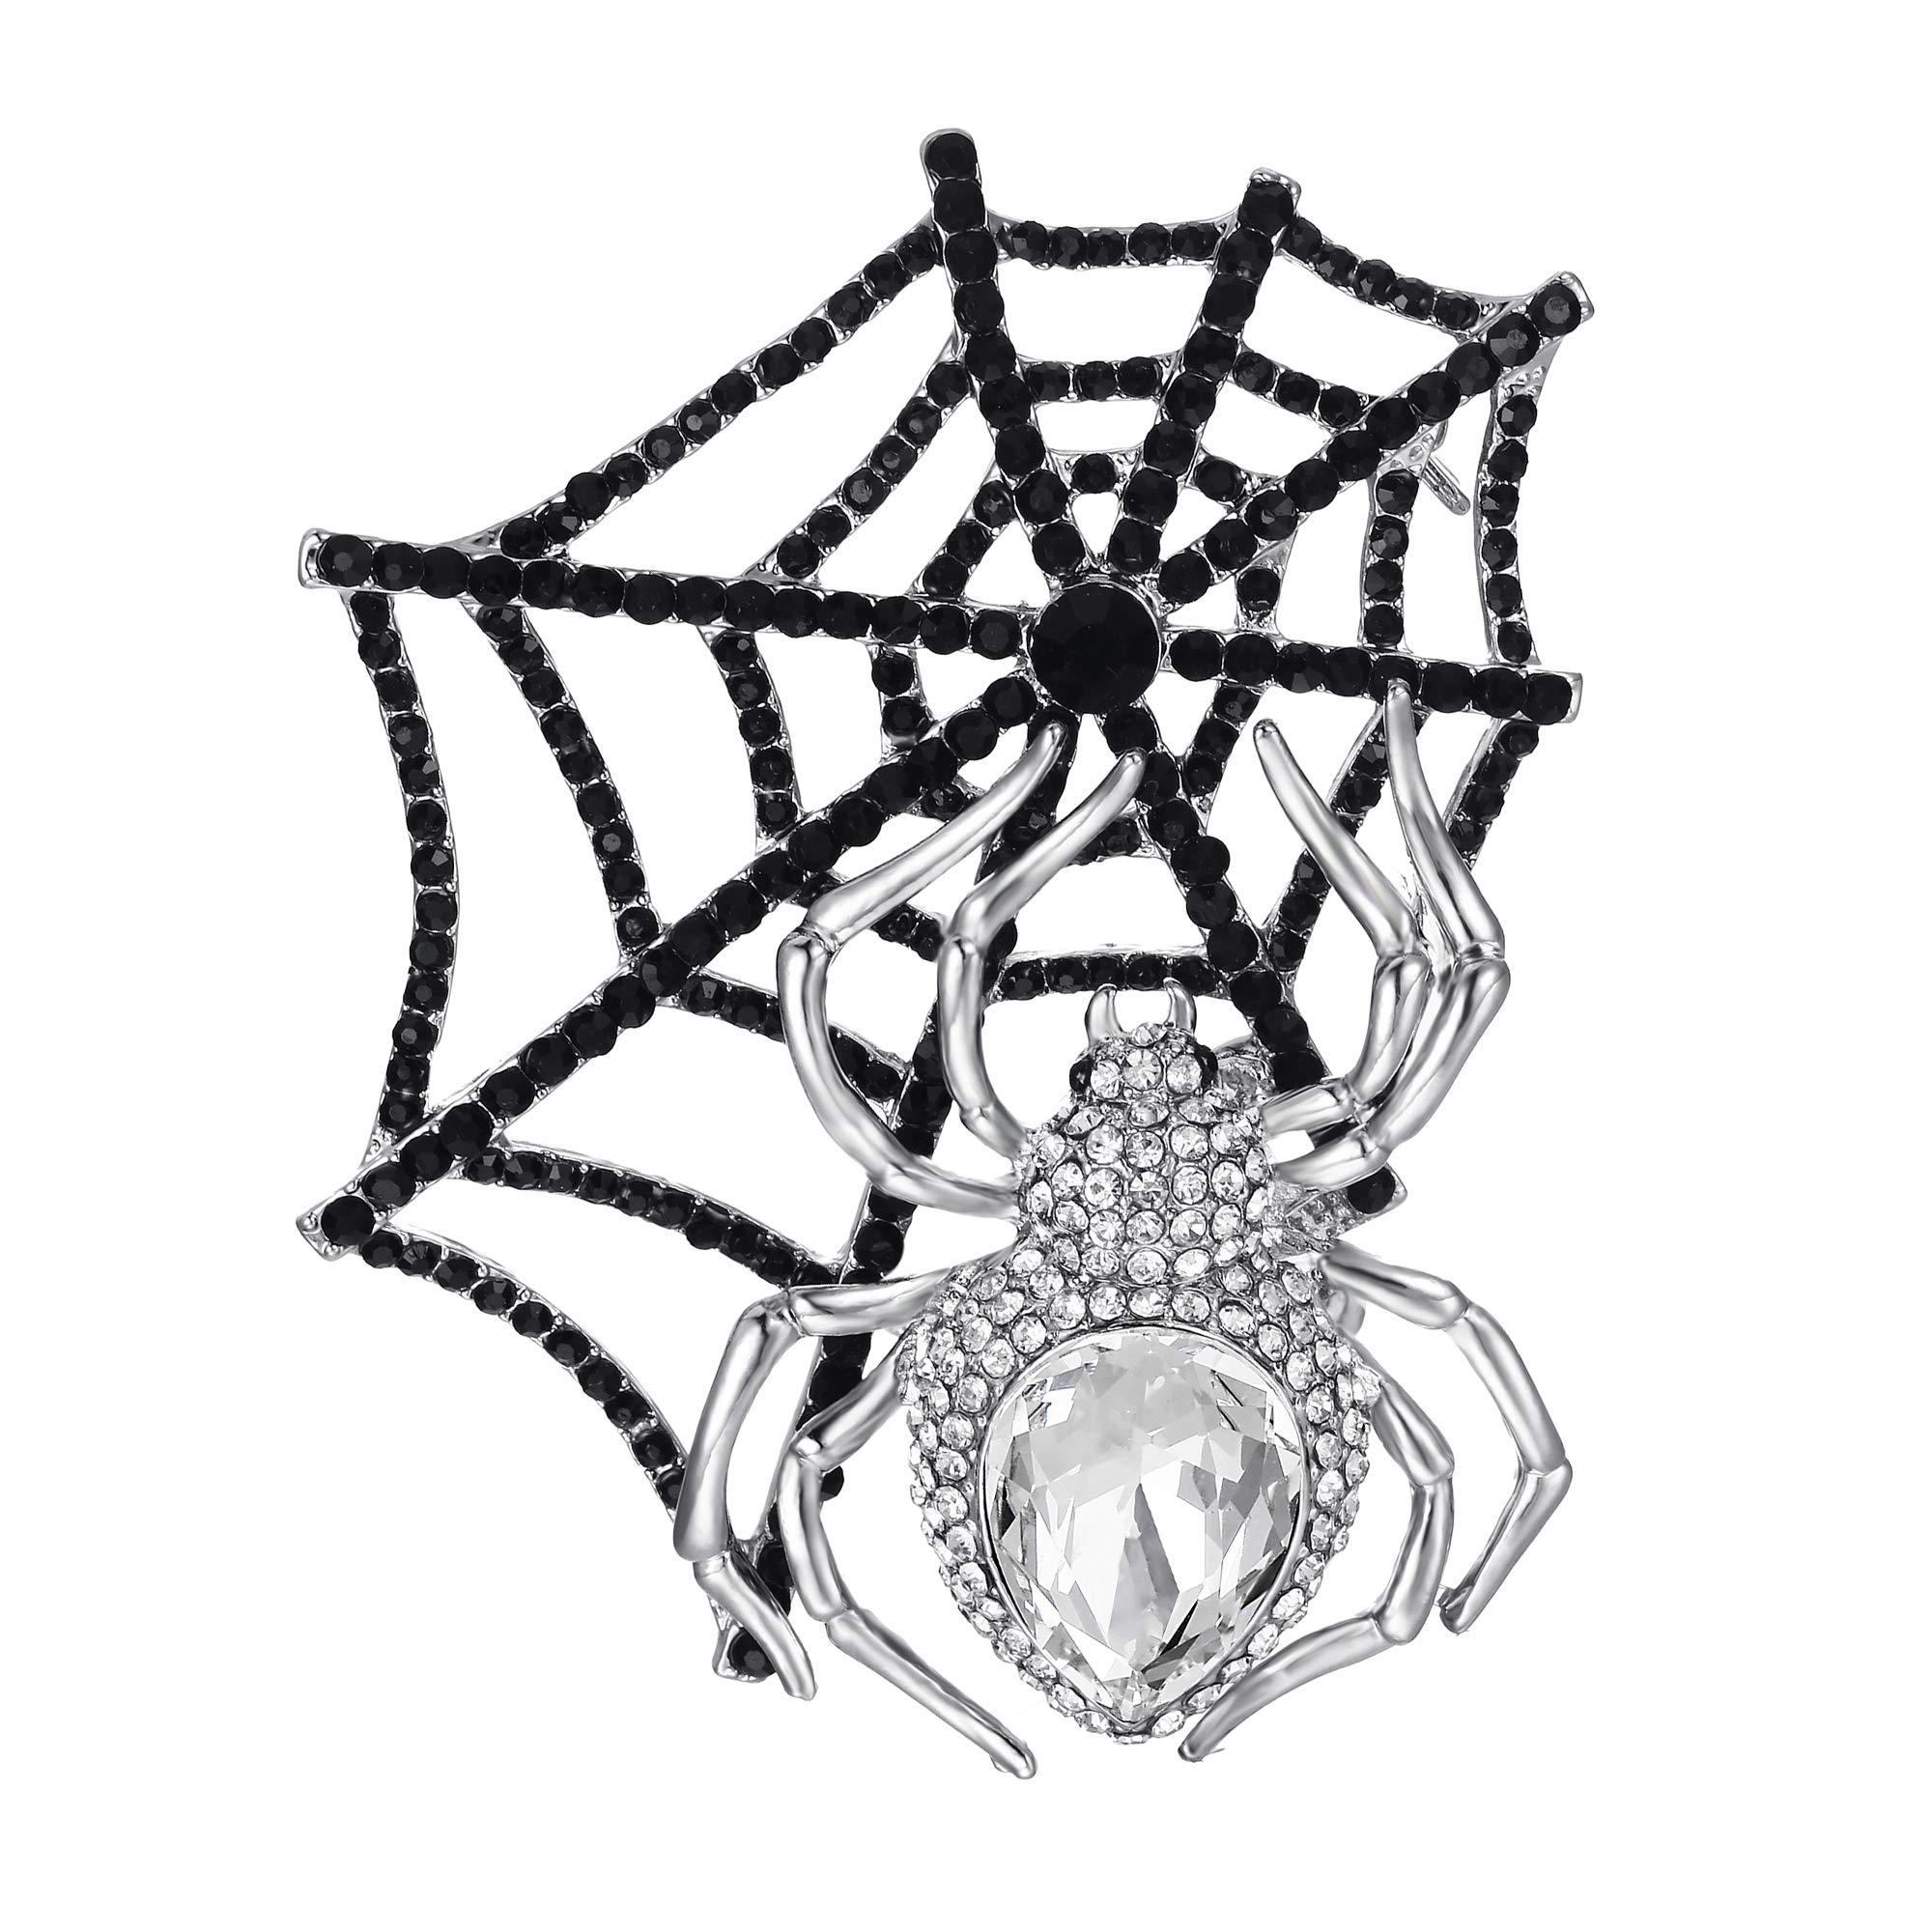 EVER FAITH Austrian Crystal Halloween Gothic Style Spider Web Teardrop Brooch Clear Gold-Tone